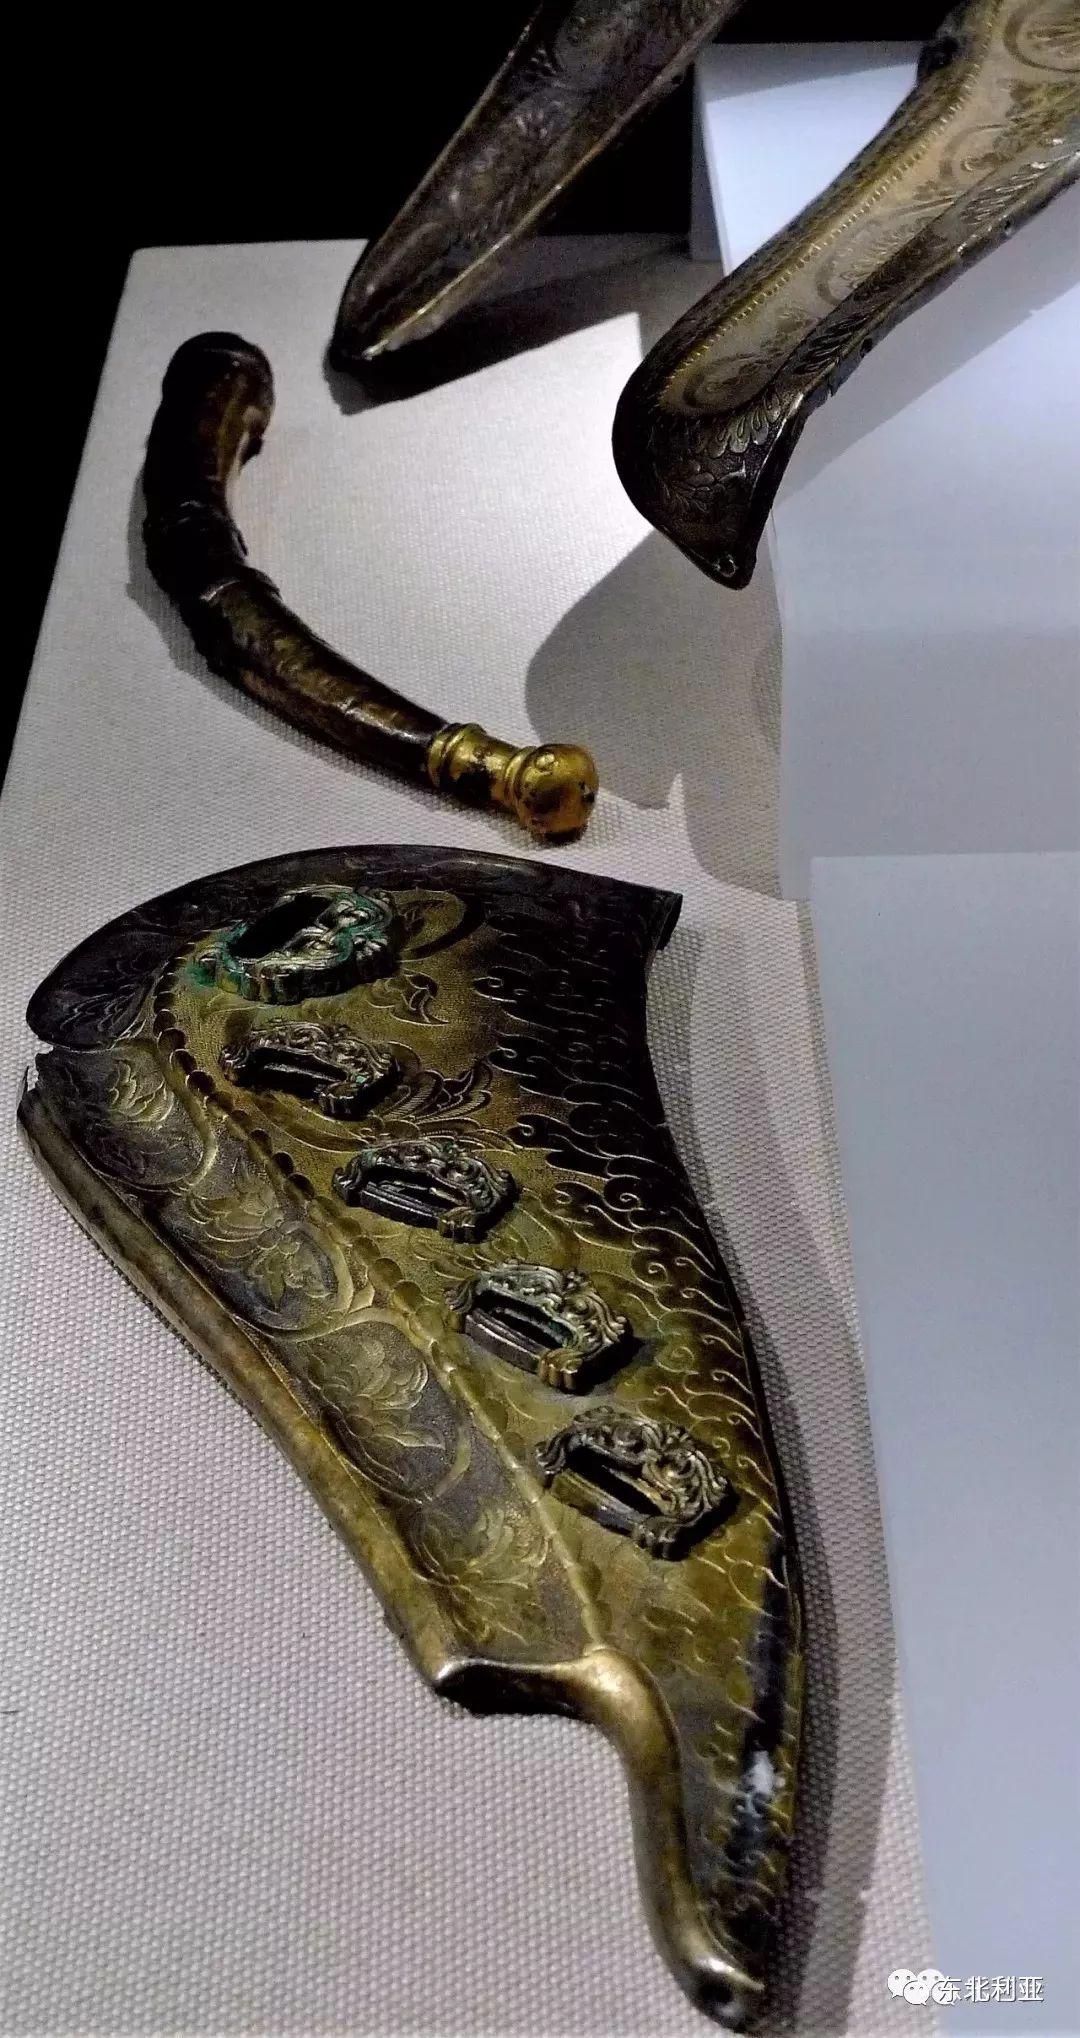 图集丨辽元时期的豪华马鞍与装饰 第5张 图集丨辽元时期的豪华马鞍与装饰 蒙古工艺